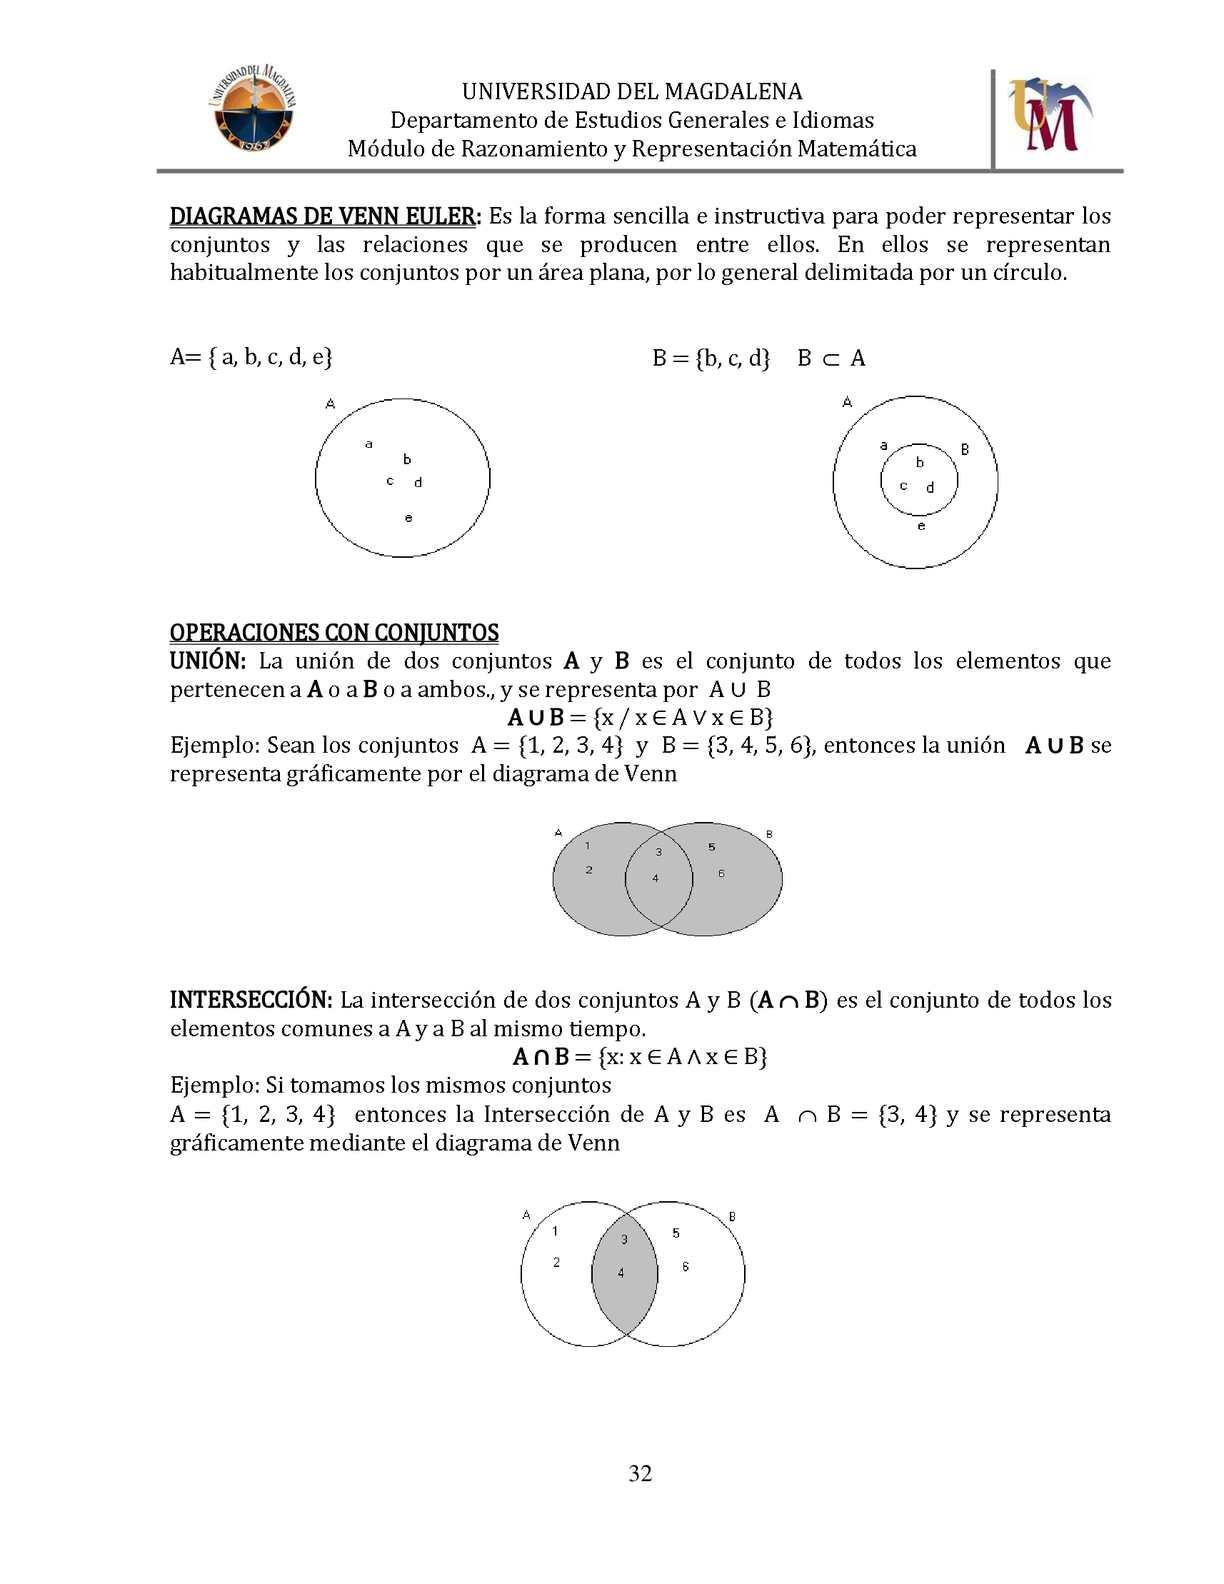 Modulo de razonamiento y reprtesentacin matemica calameo downloader page 32 ccuart Choice Image